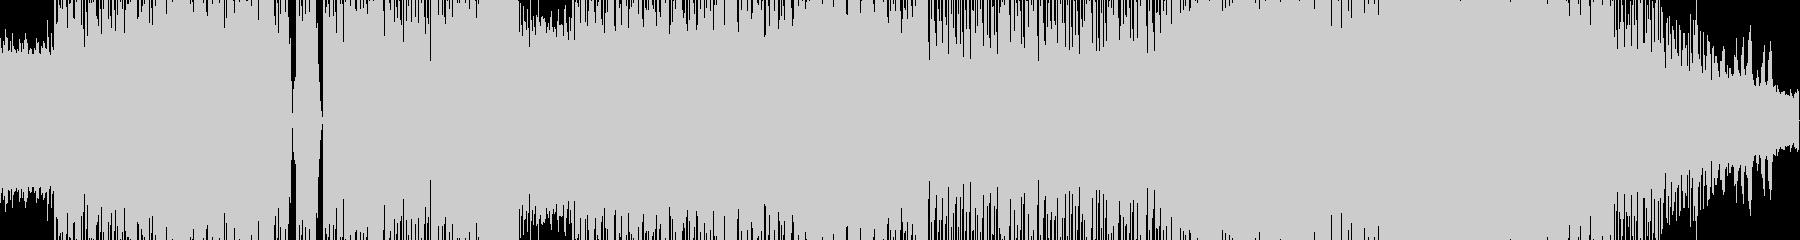 インストゥルメンタル、バックグラウ...の未再生の波形